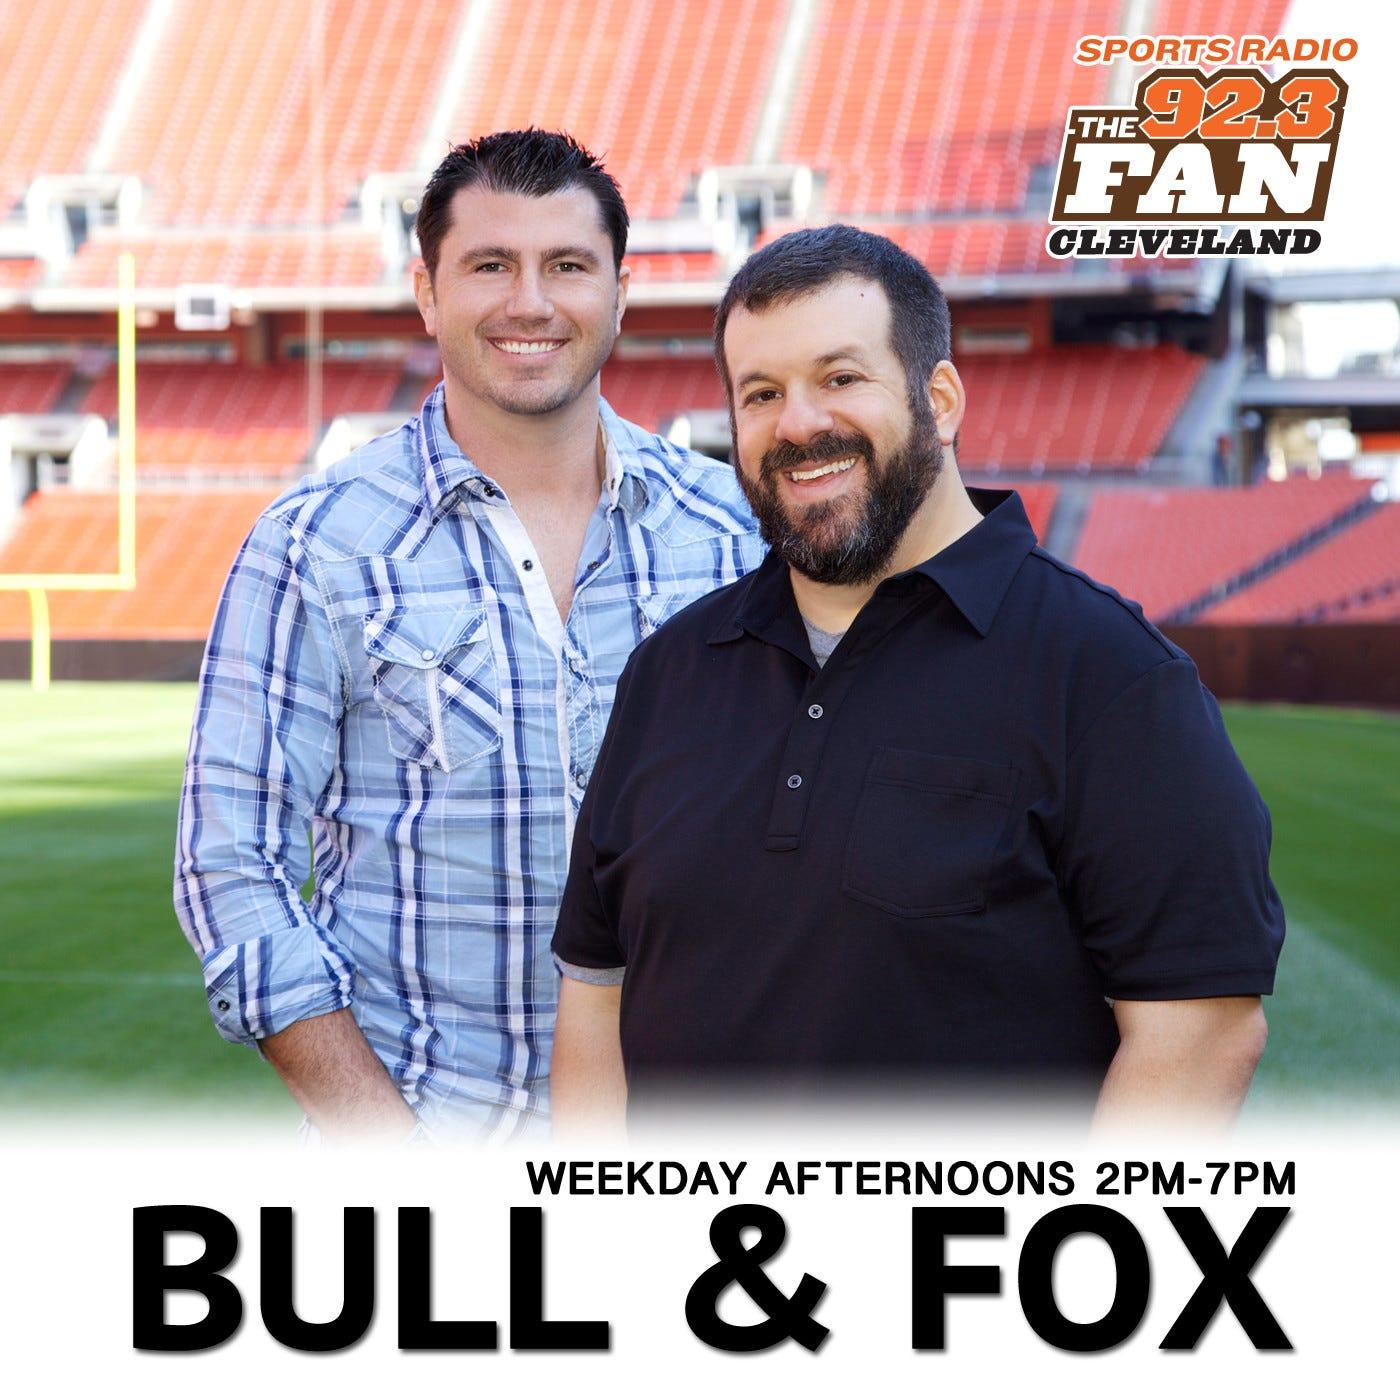 Bull & Fox